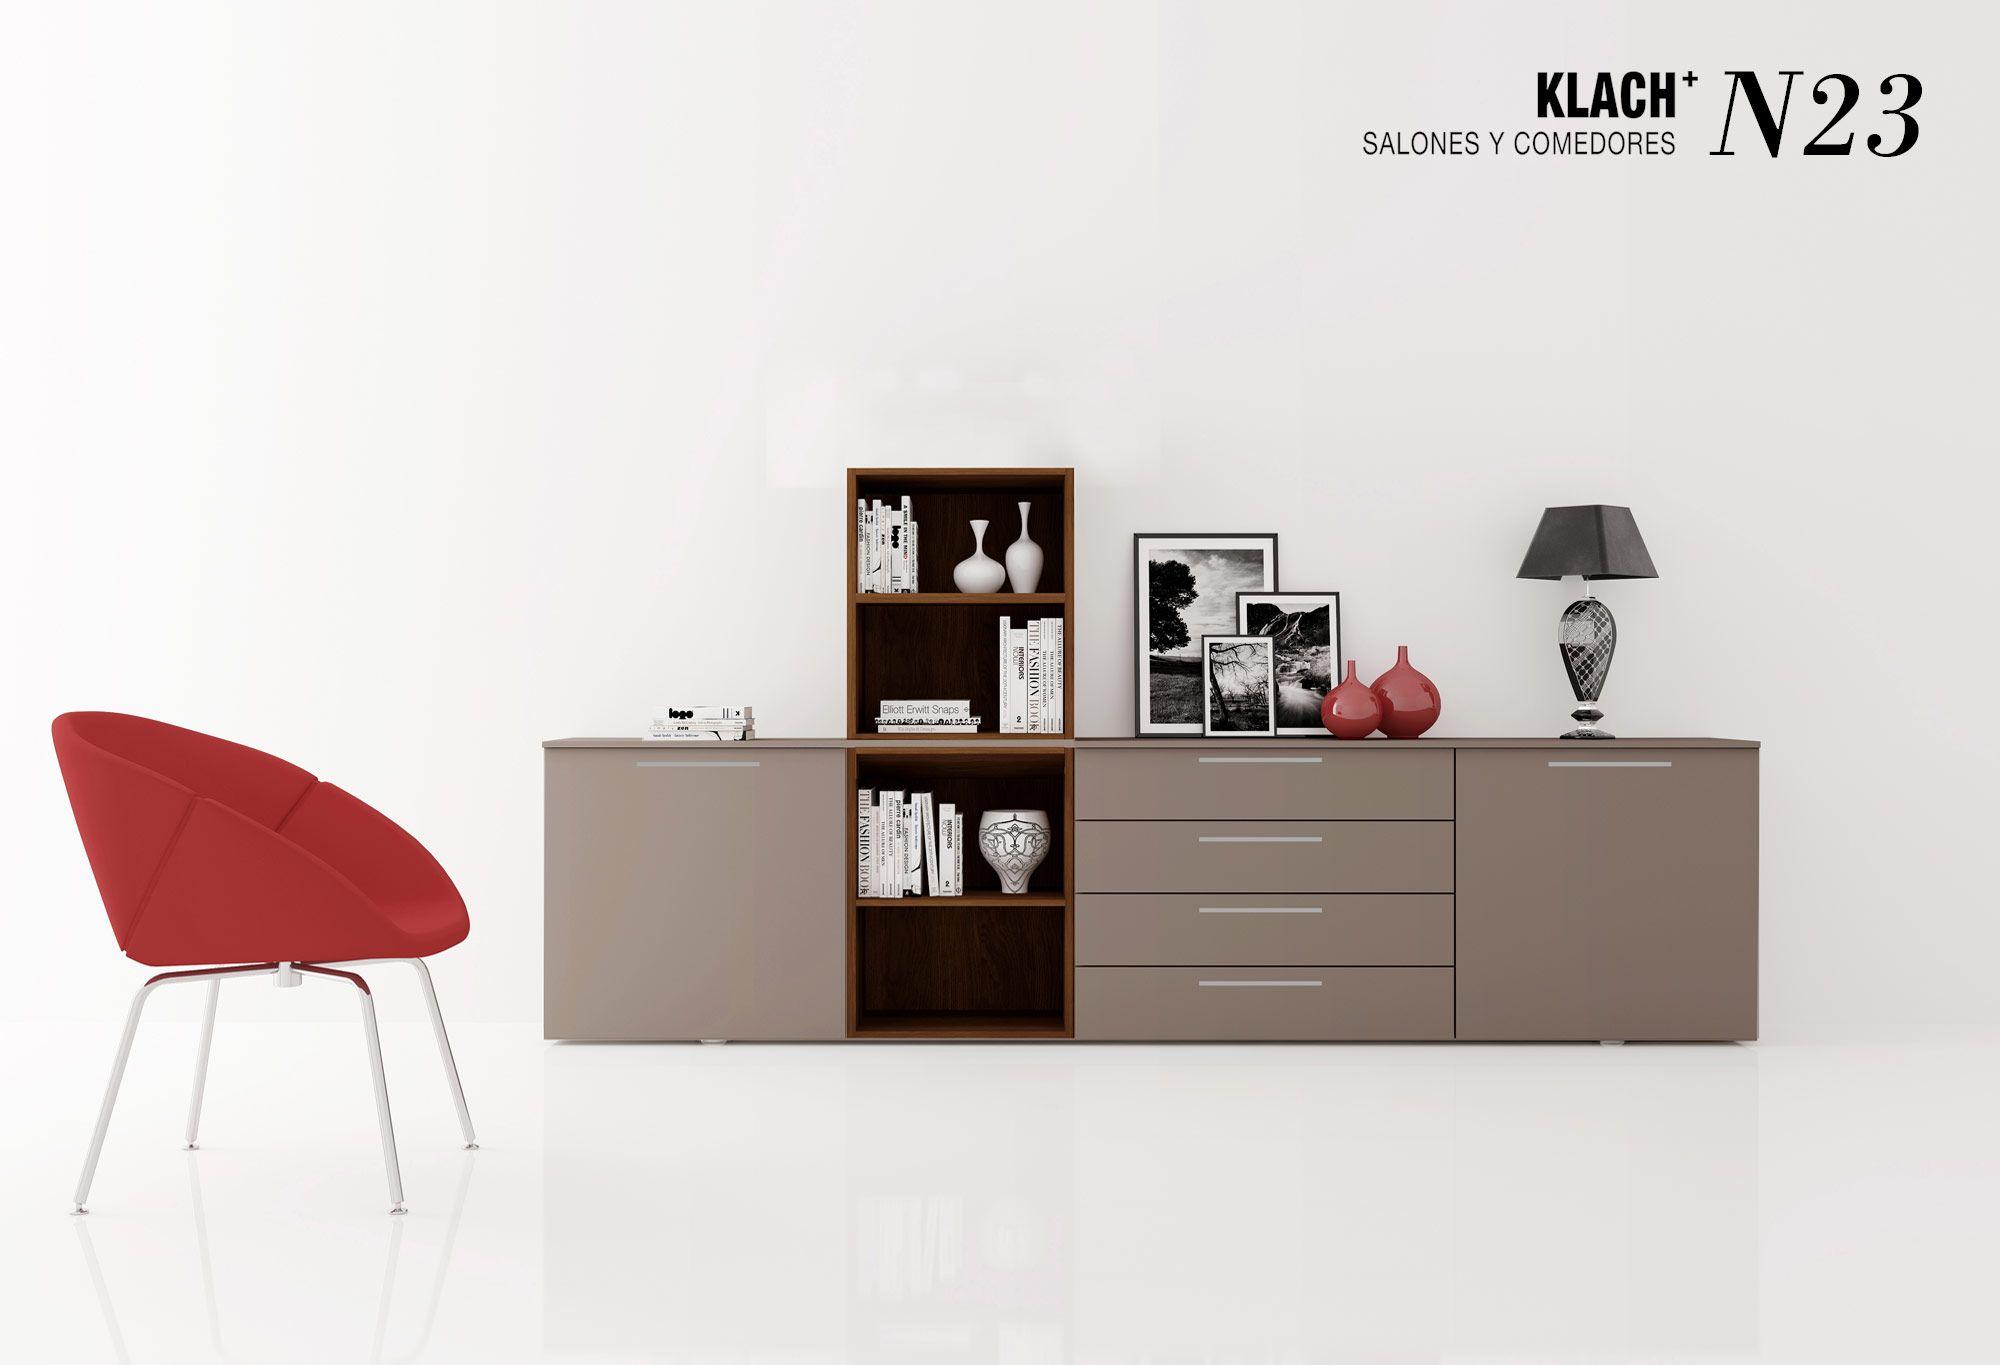 Klach n23 muebles hermida muebles de sal n y comedor dise o de modulares para salas - Hermida muebles ...